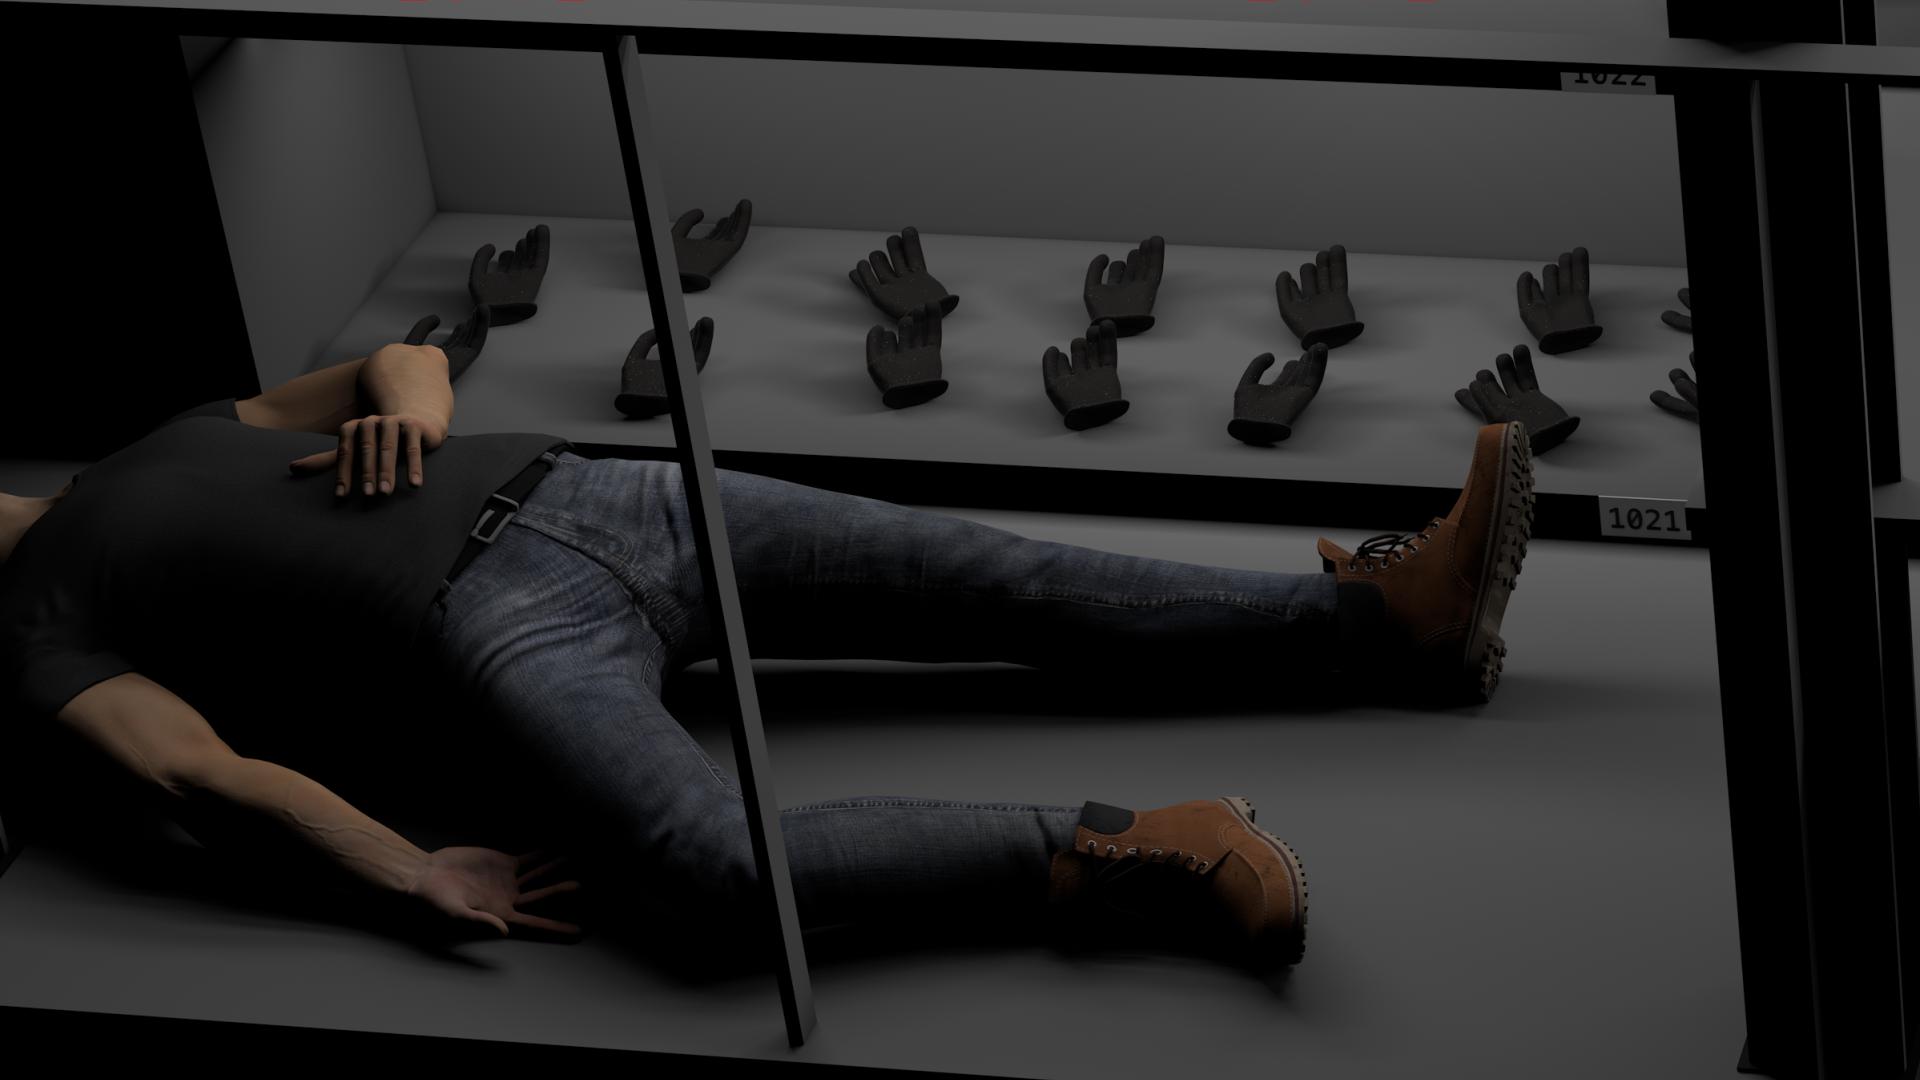 Asleep in the prop room